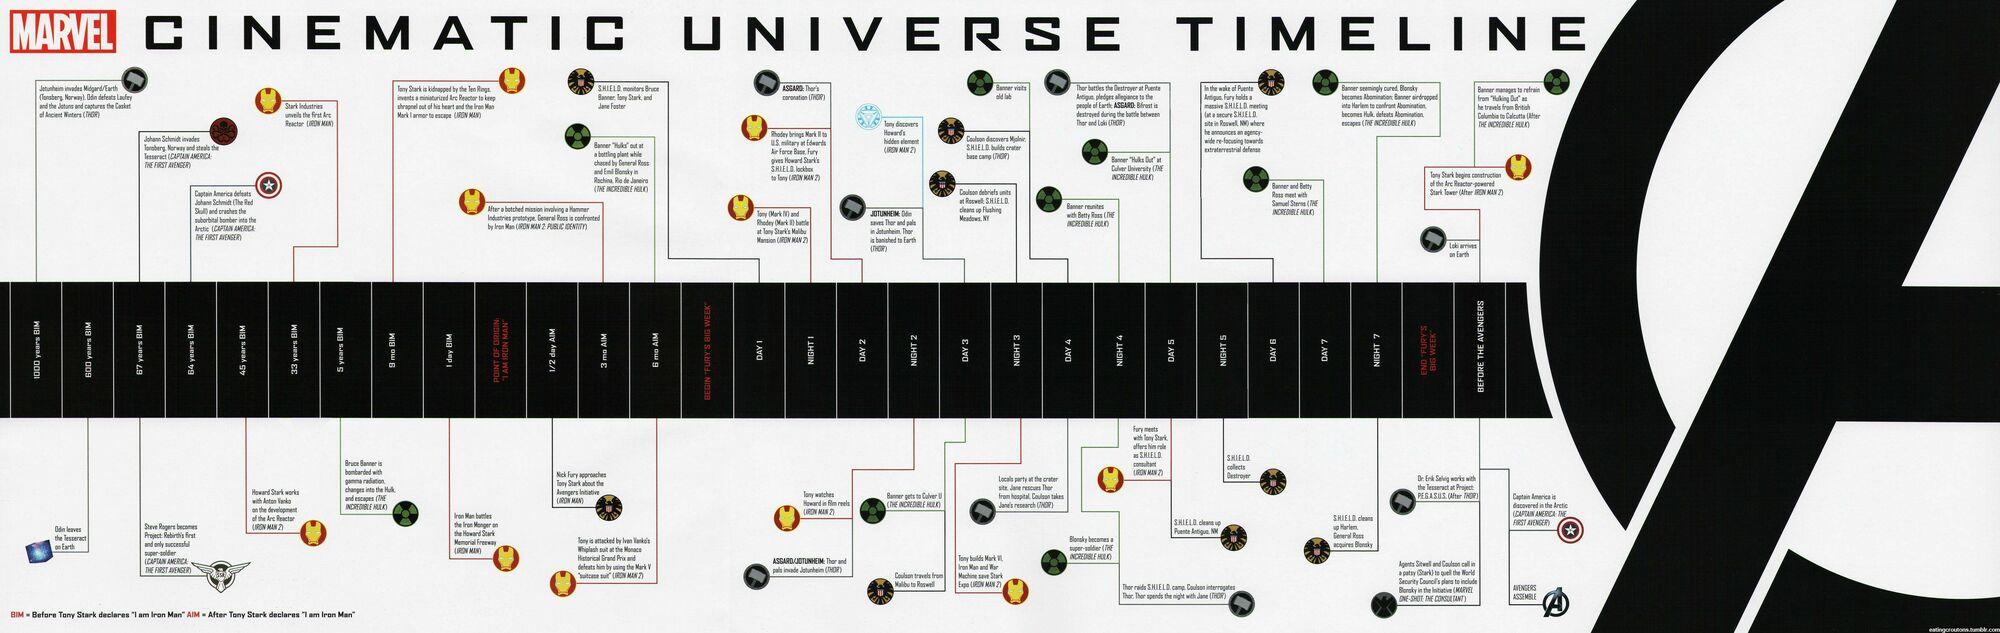 Timeline Marvel Cinematic Universe Wiki Fandom Powered By Wikia